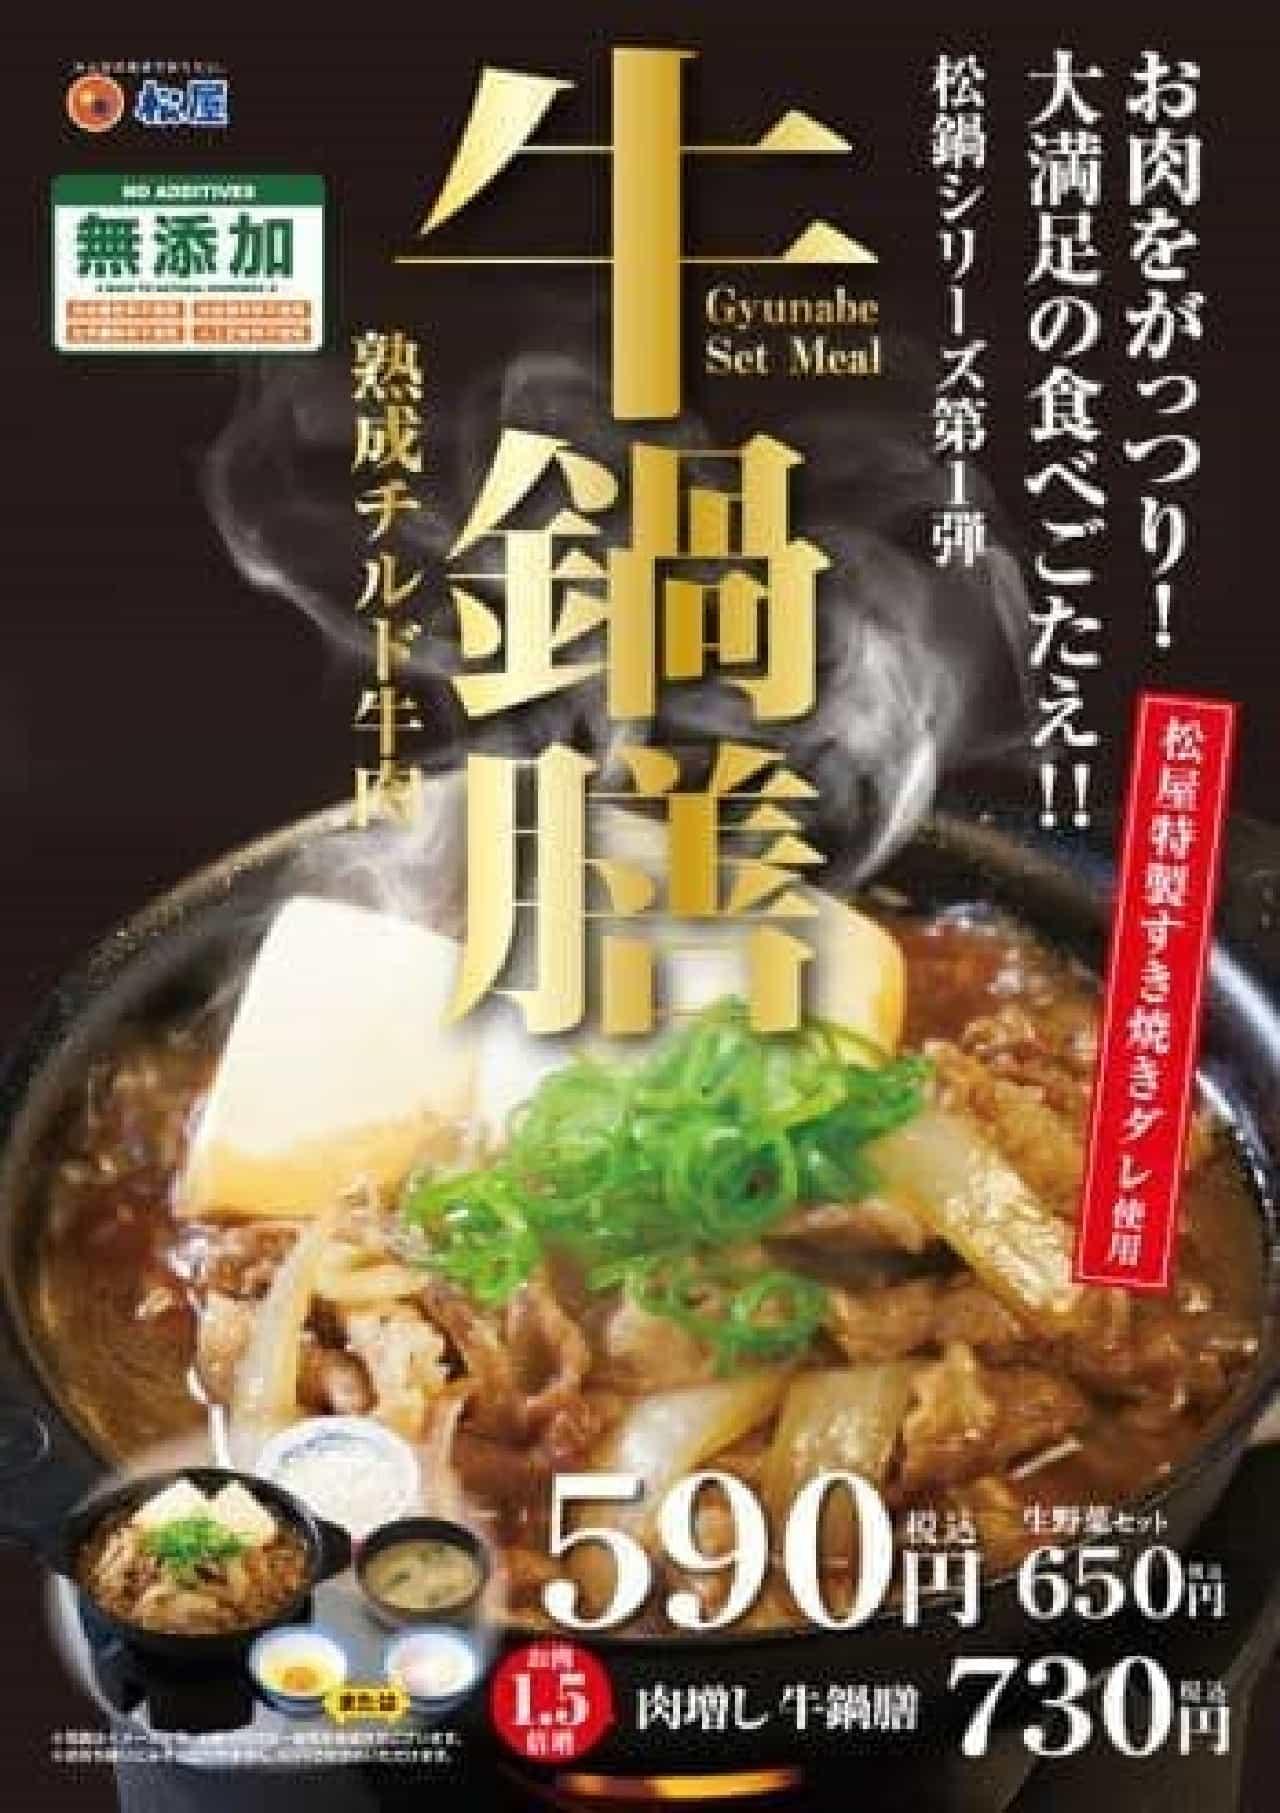 松屋の新メニュー「牛鍋膳」